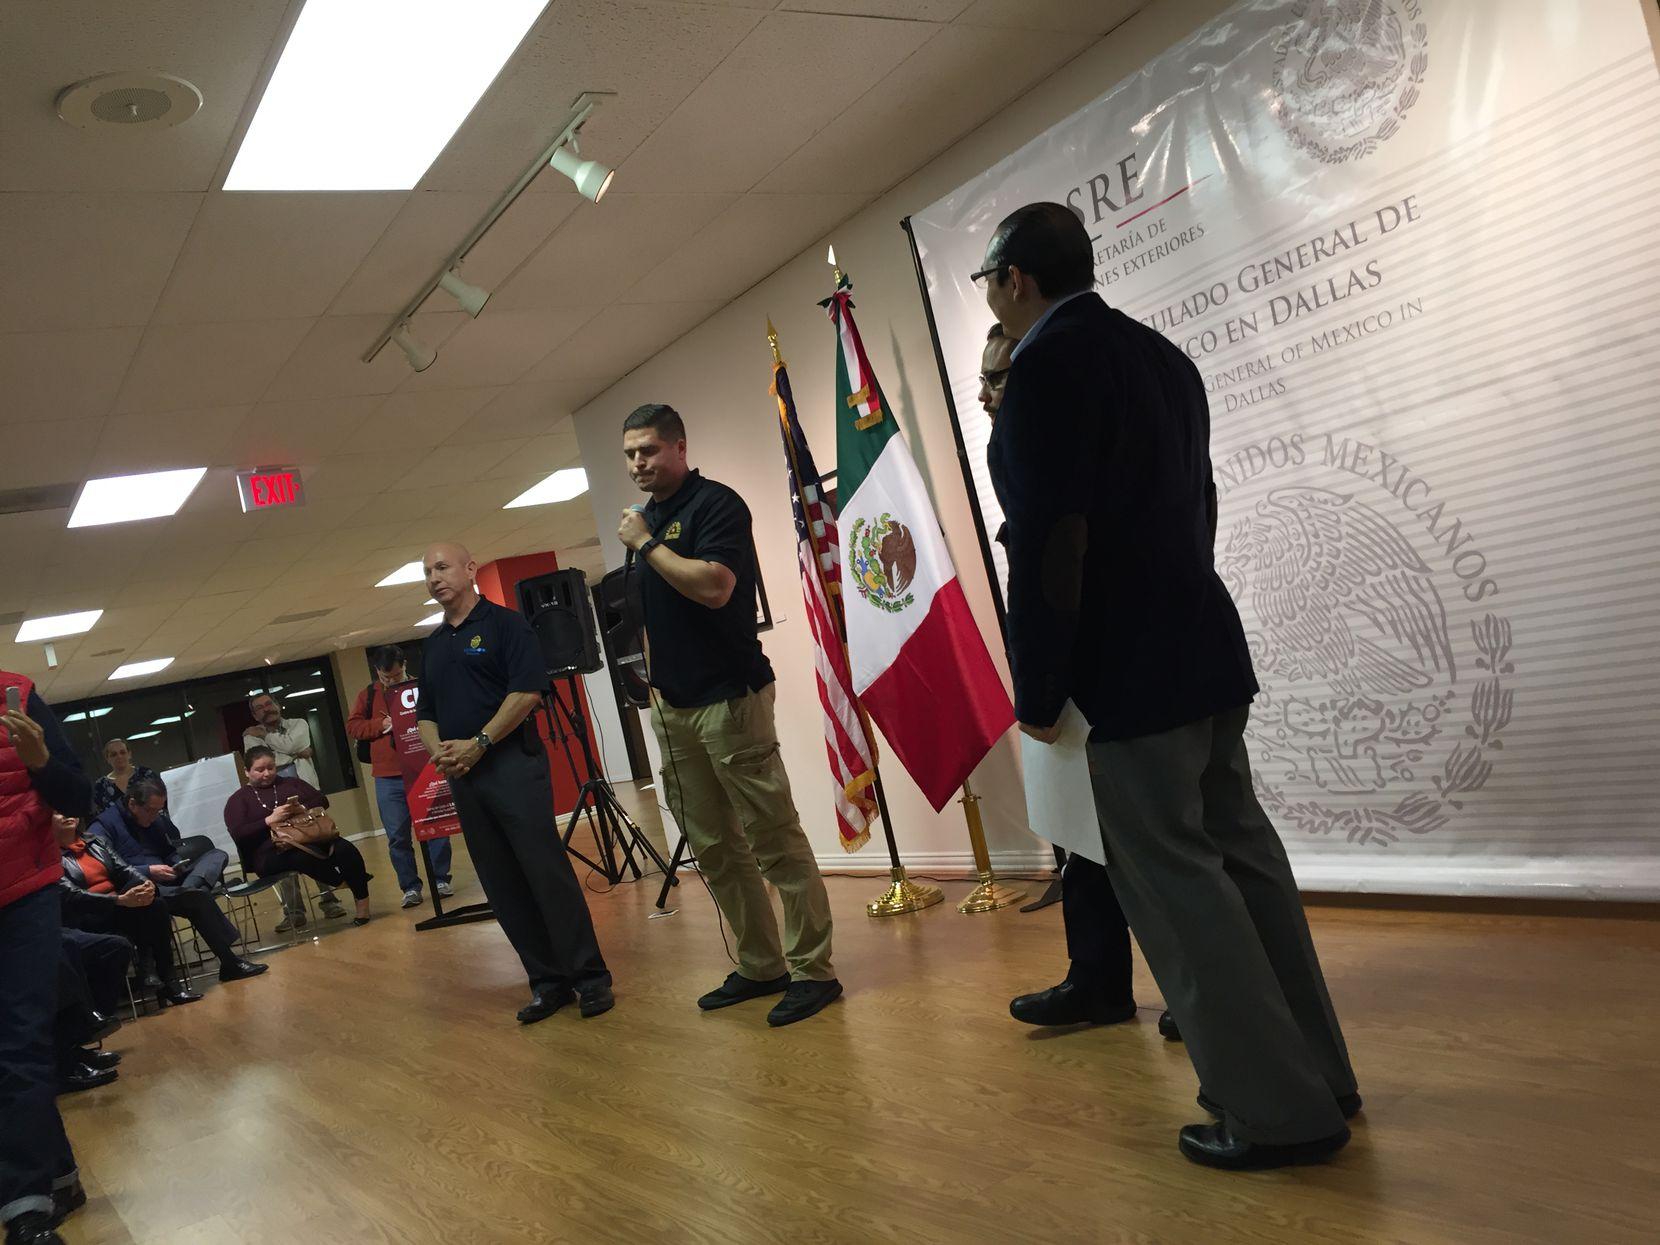 Funcionarios de la policía buscaron calmar los ánimos y aseguraron que no son una agencia migratoria. (ANA AZPURUA/AL DÍA)